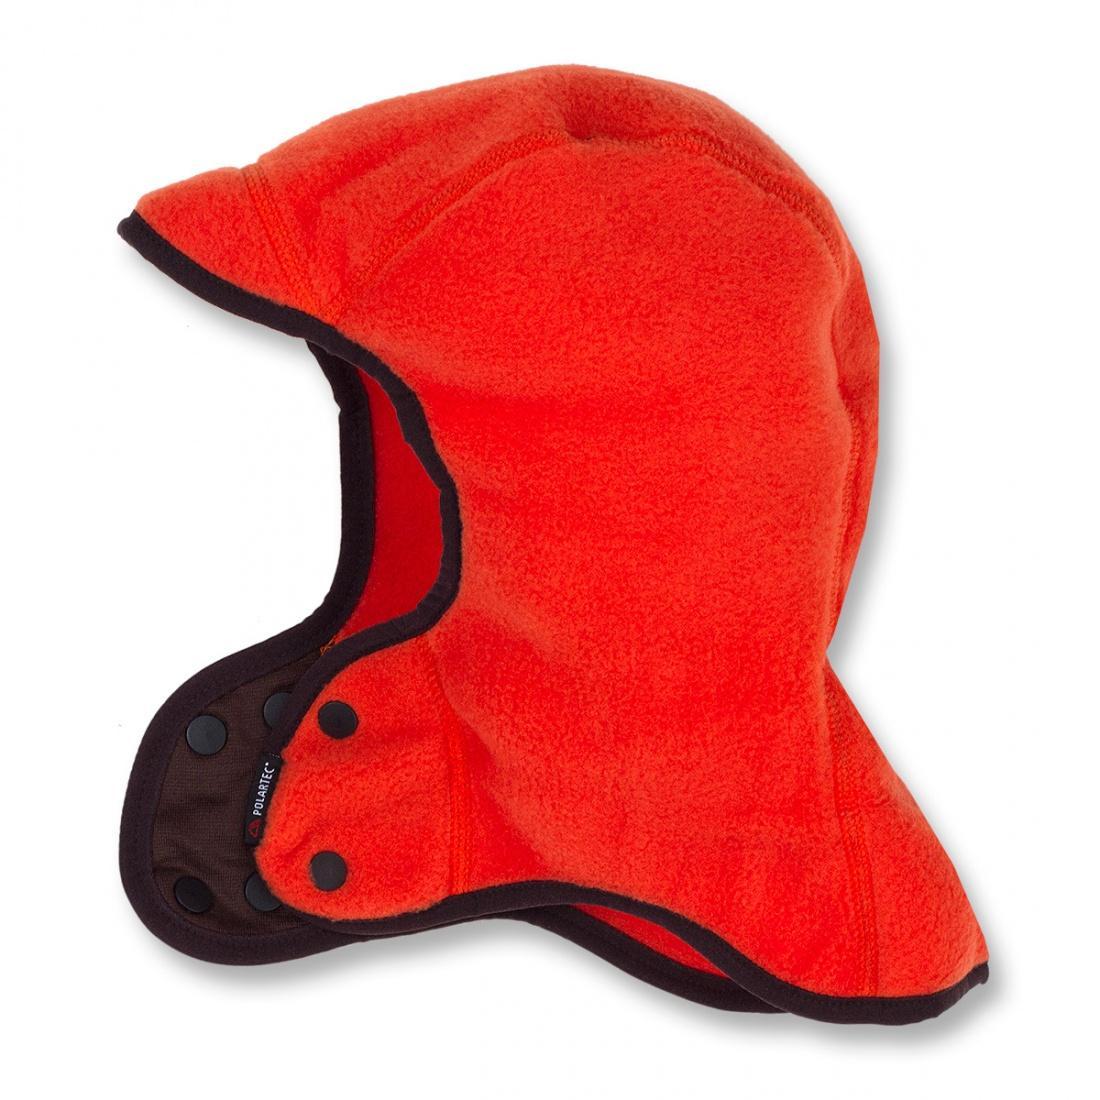 Шапка Cub II ДетскаяШапки<br><br><br>Цвет: Оранжевый<br>Размер: XS